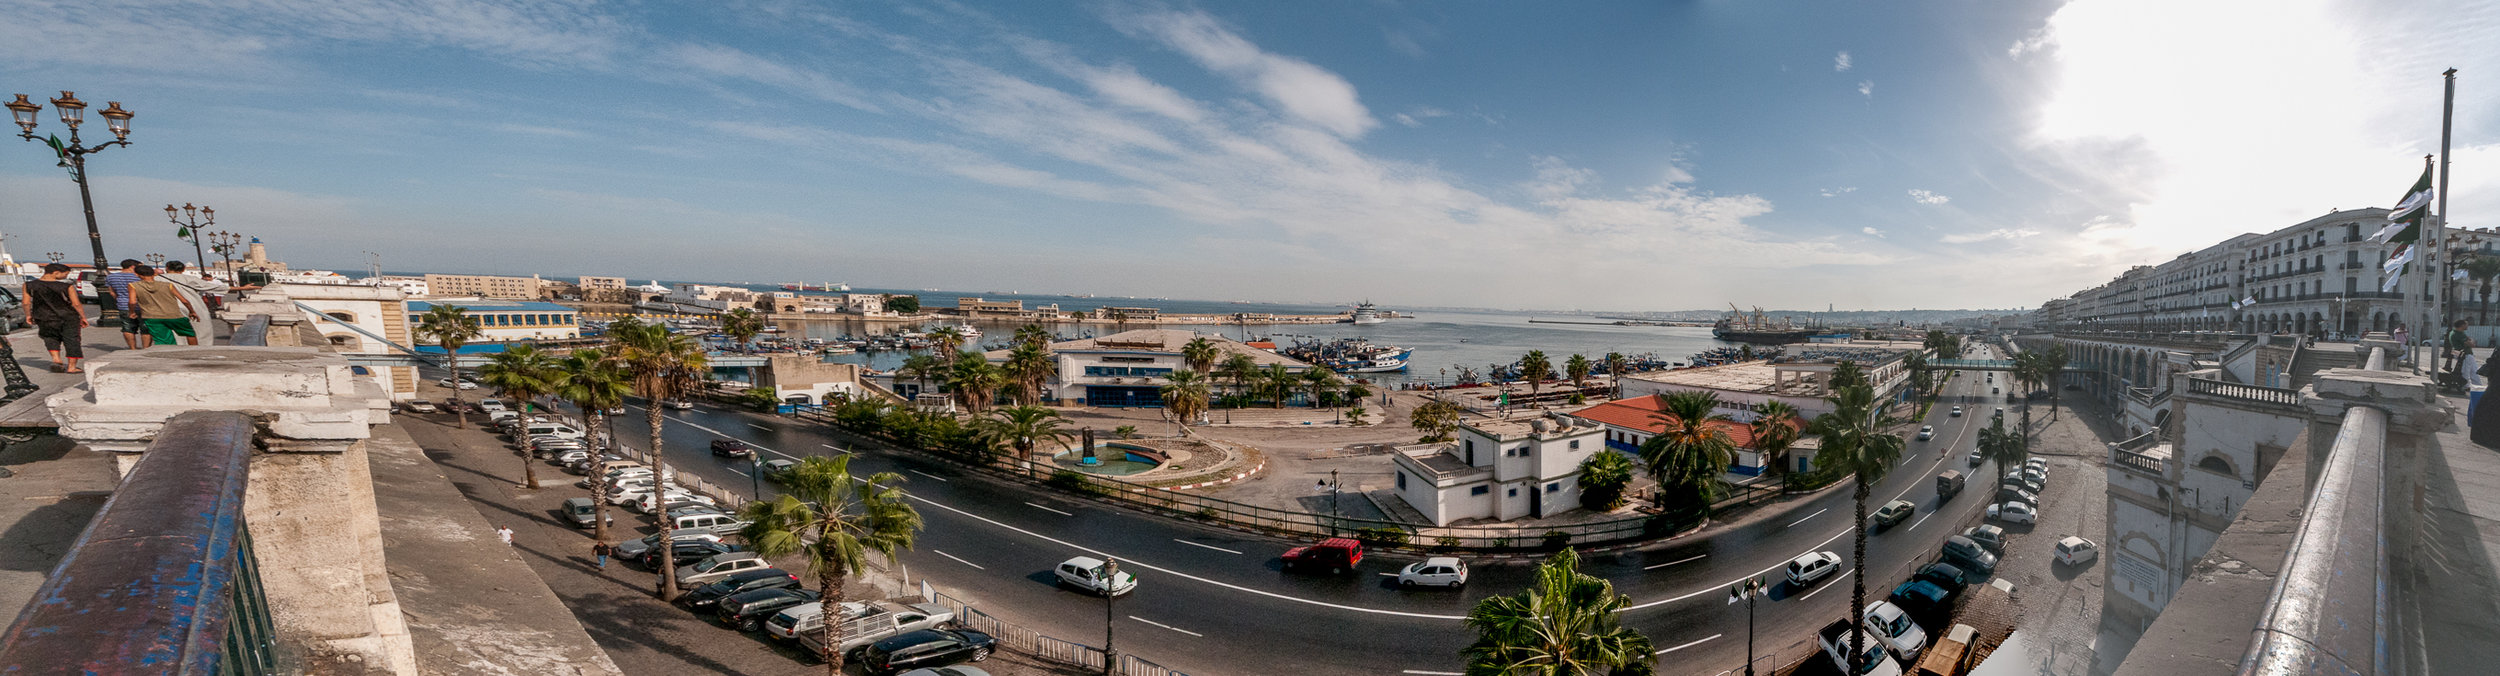 Algiers-19.jpg